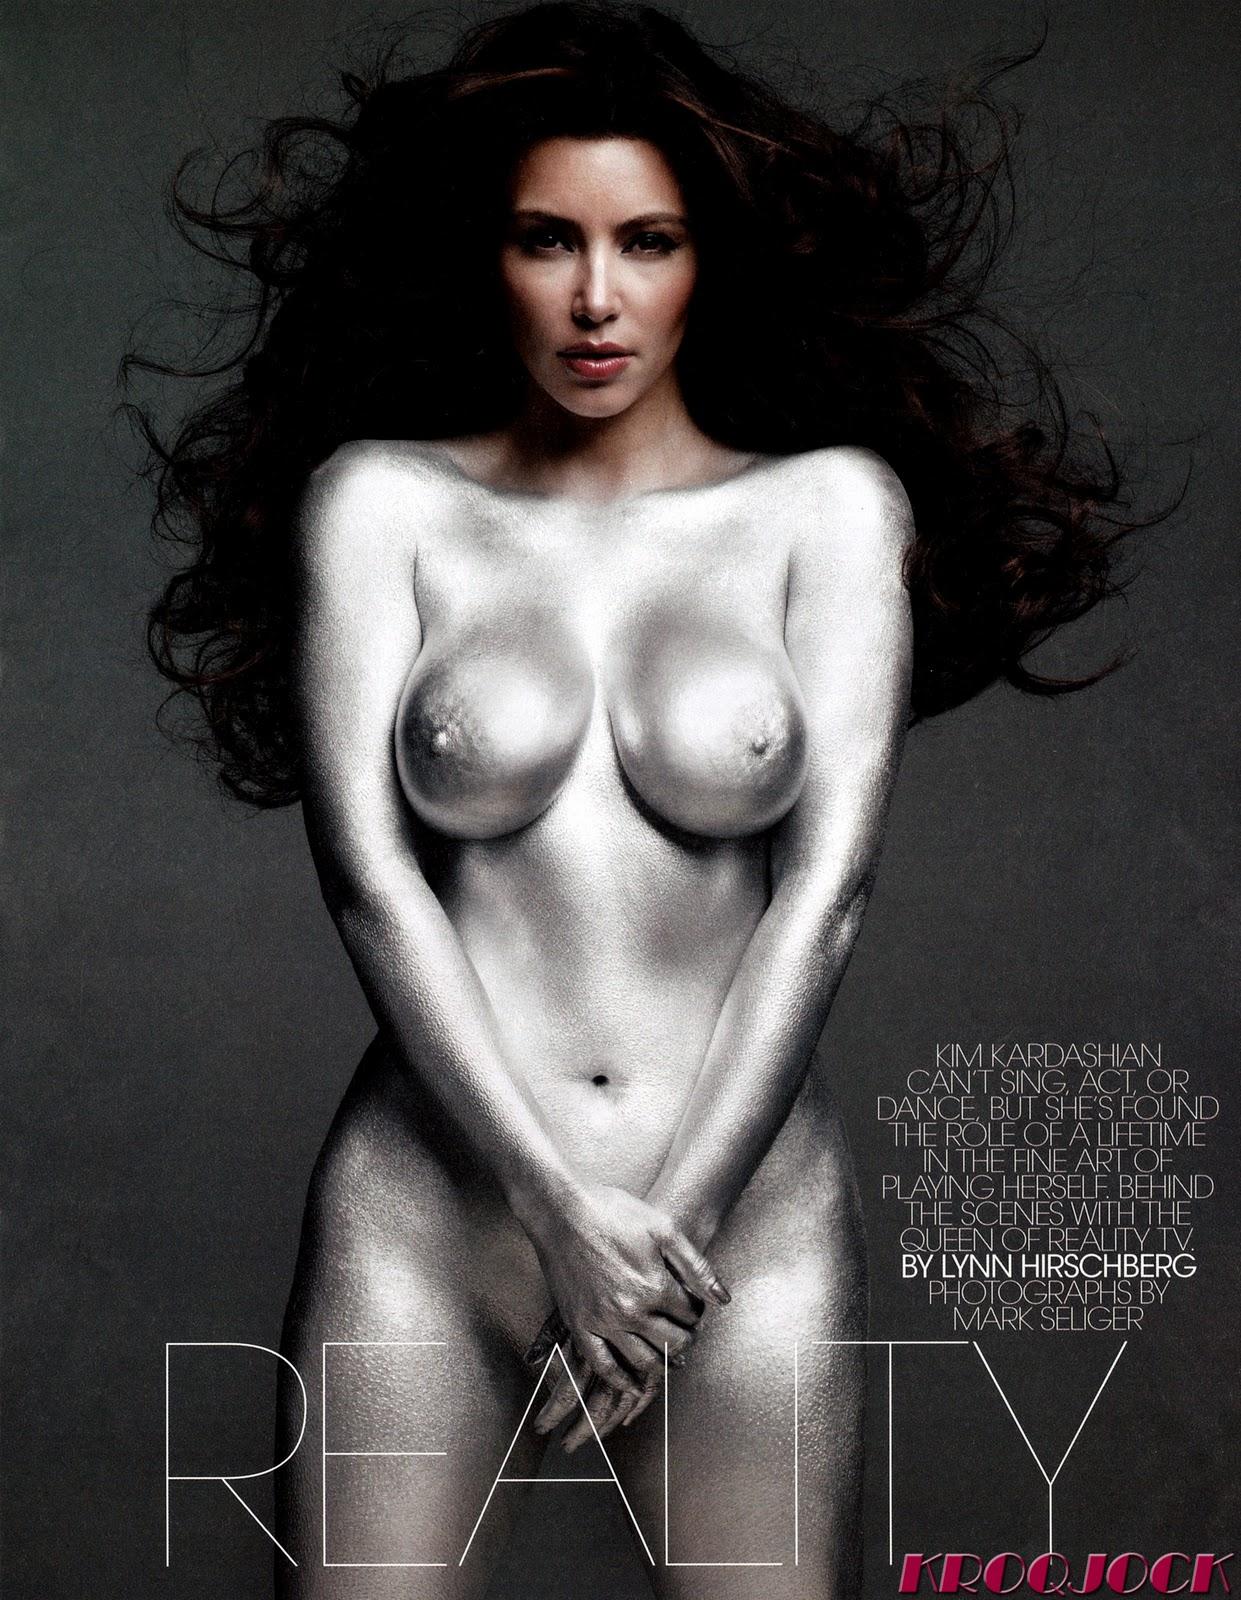 http://3.bp.blogspot.com/_DqQNorl_2Kc/TMqSWnQSidI/AAAAAAAABKk/DKM8cDQfZZ8/s1600/Kim-Kardashian-W-Magazine-2.jpg